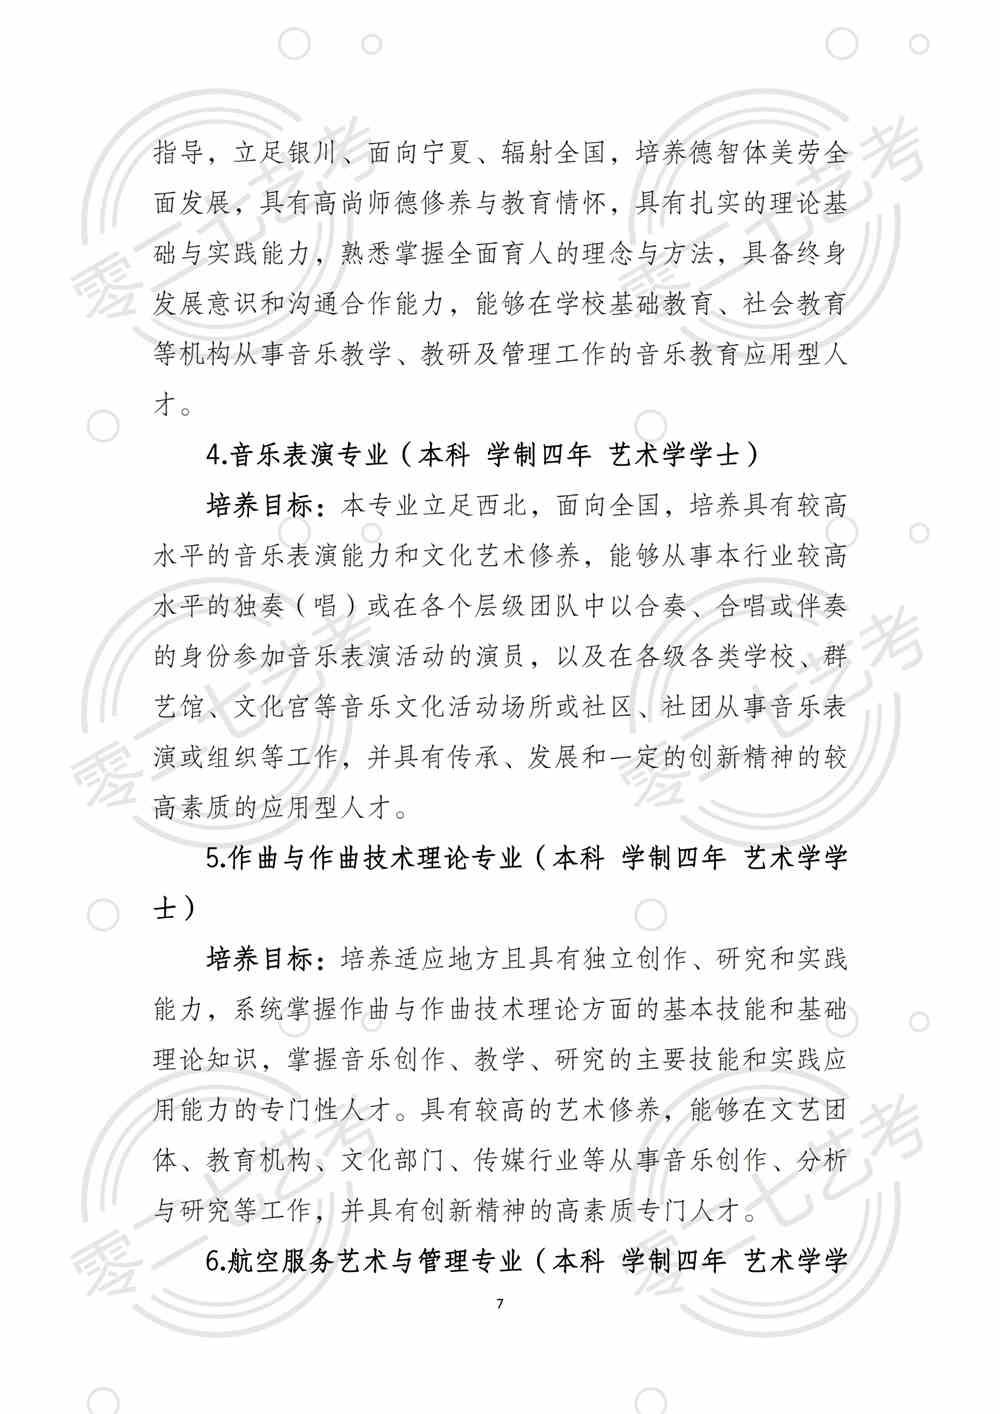 北方民族大学2021年艺术类专业招生简章_06.png